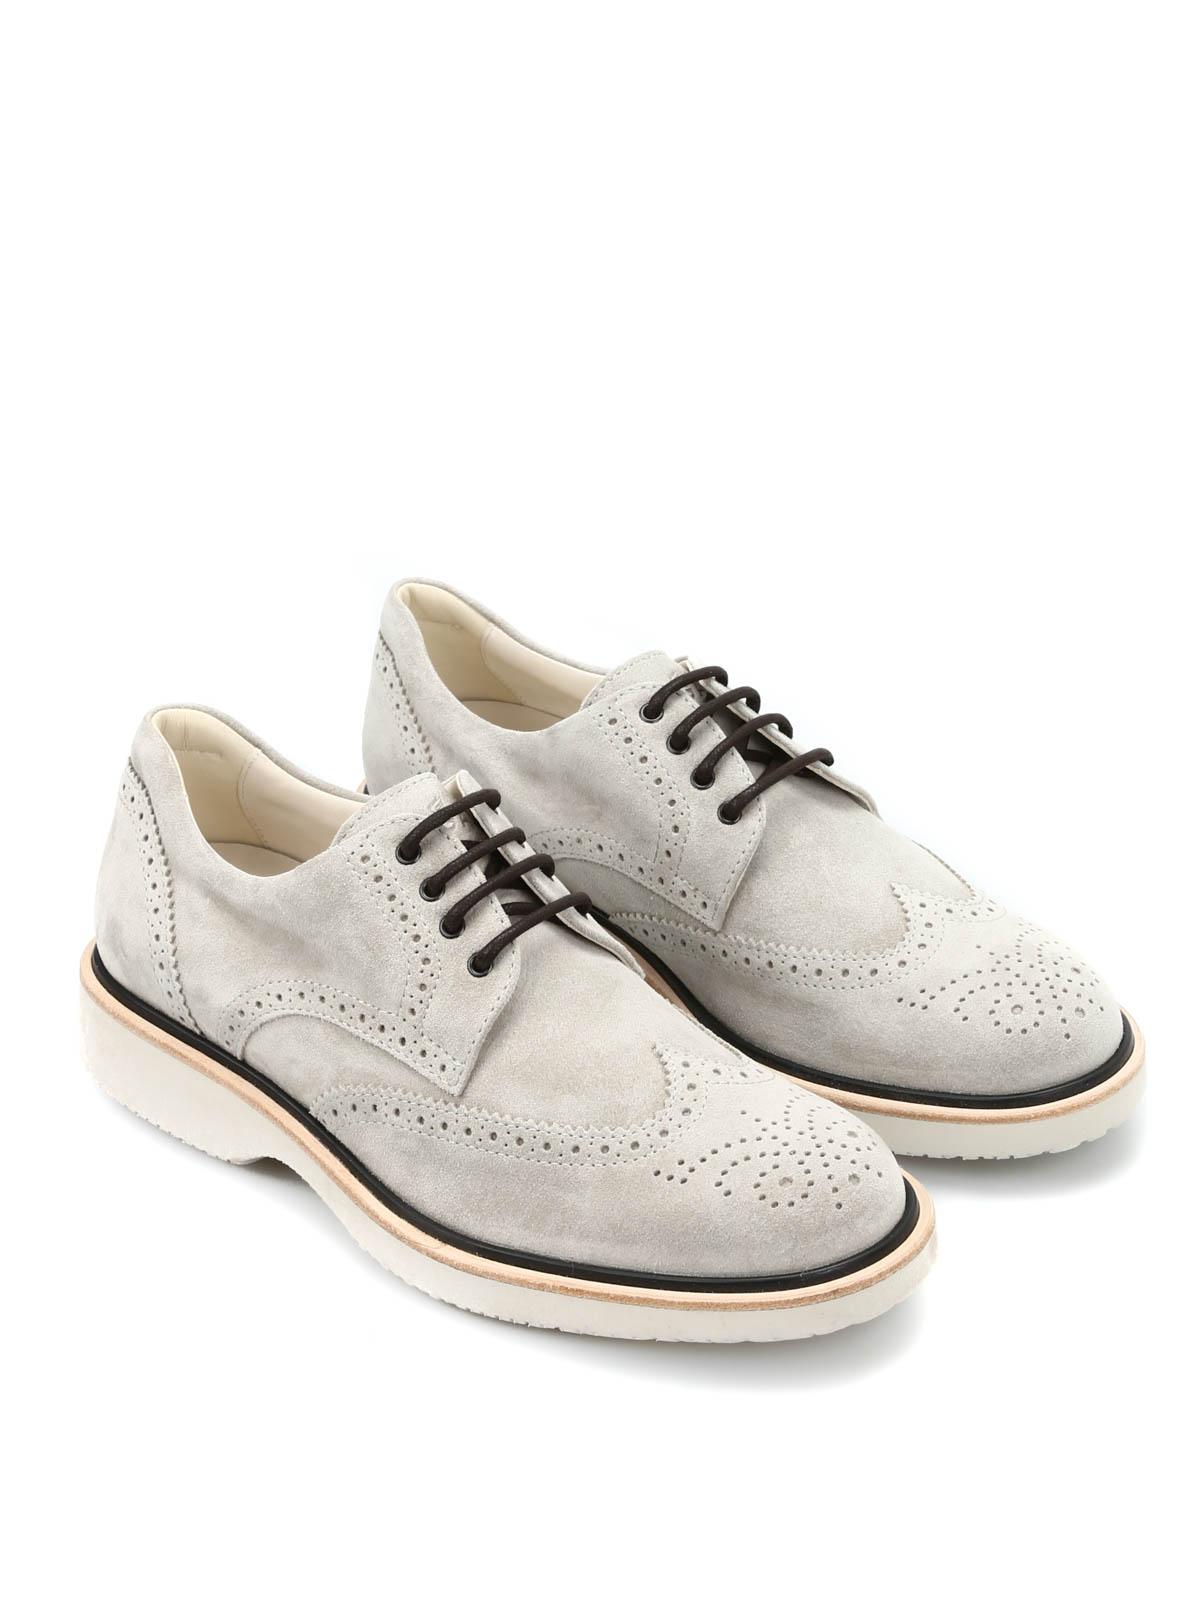 Lace-ups shoes Hogan - H217 Route Derby - HXM2170M081D549999 ...